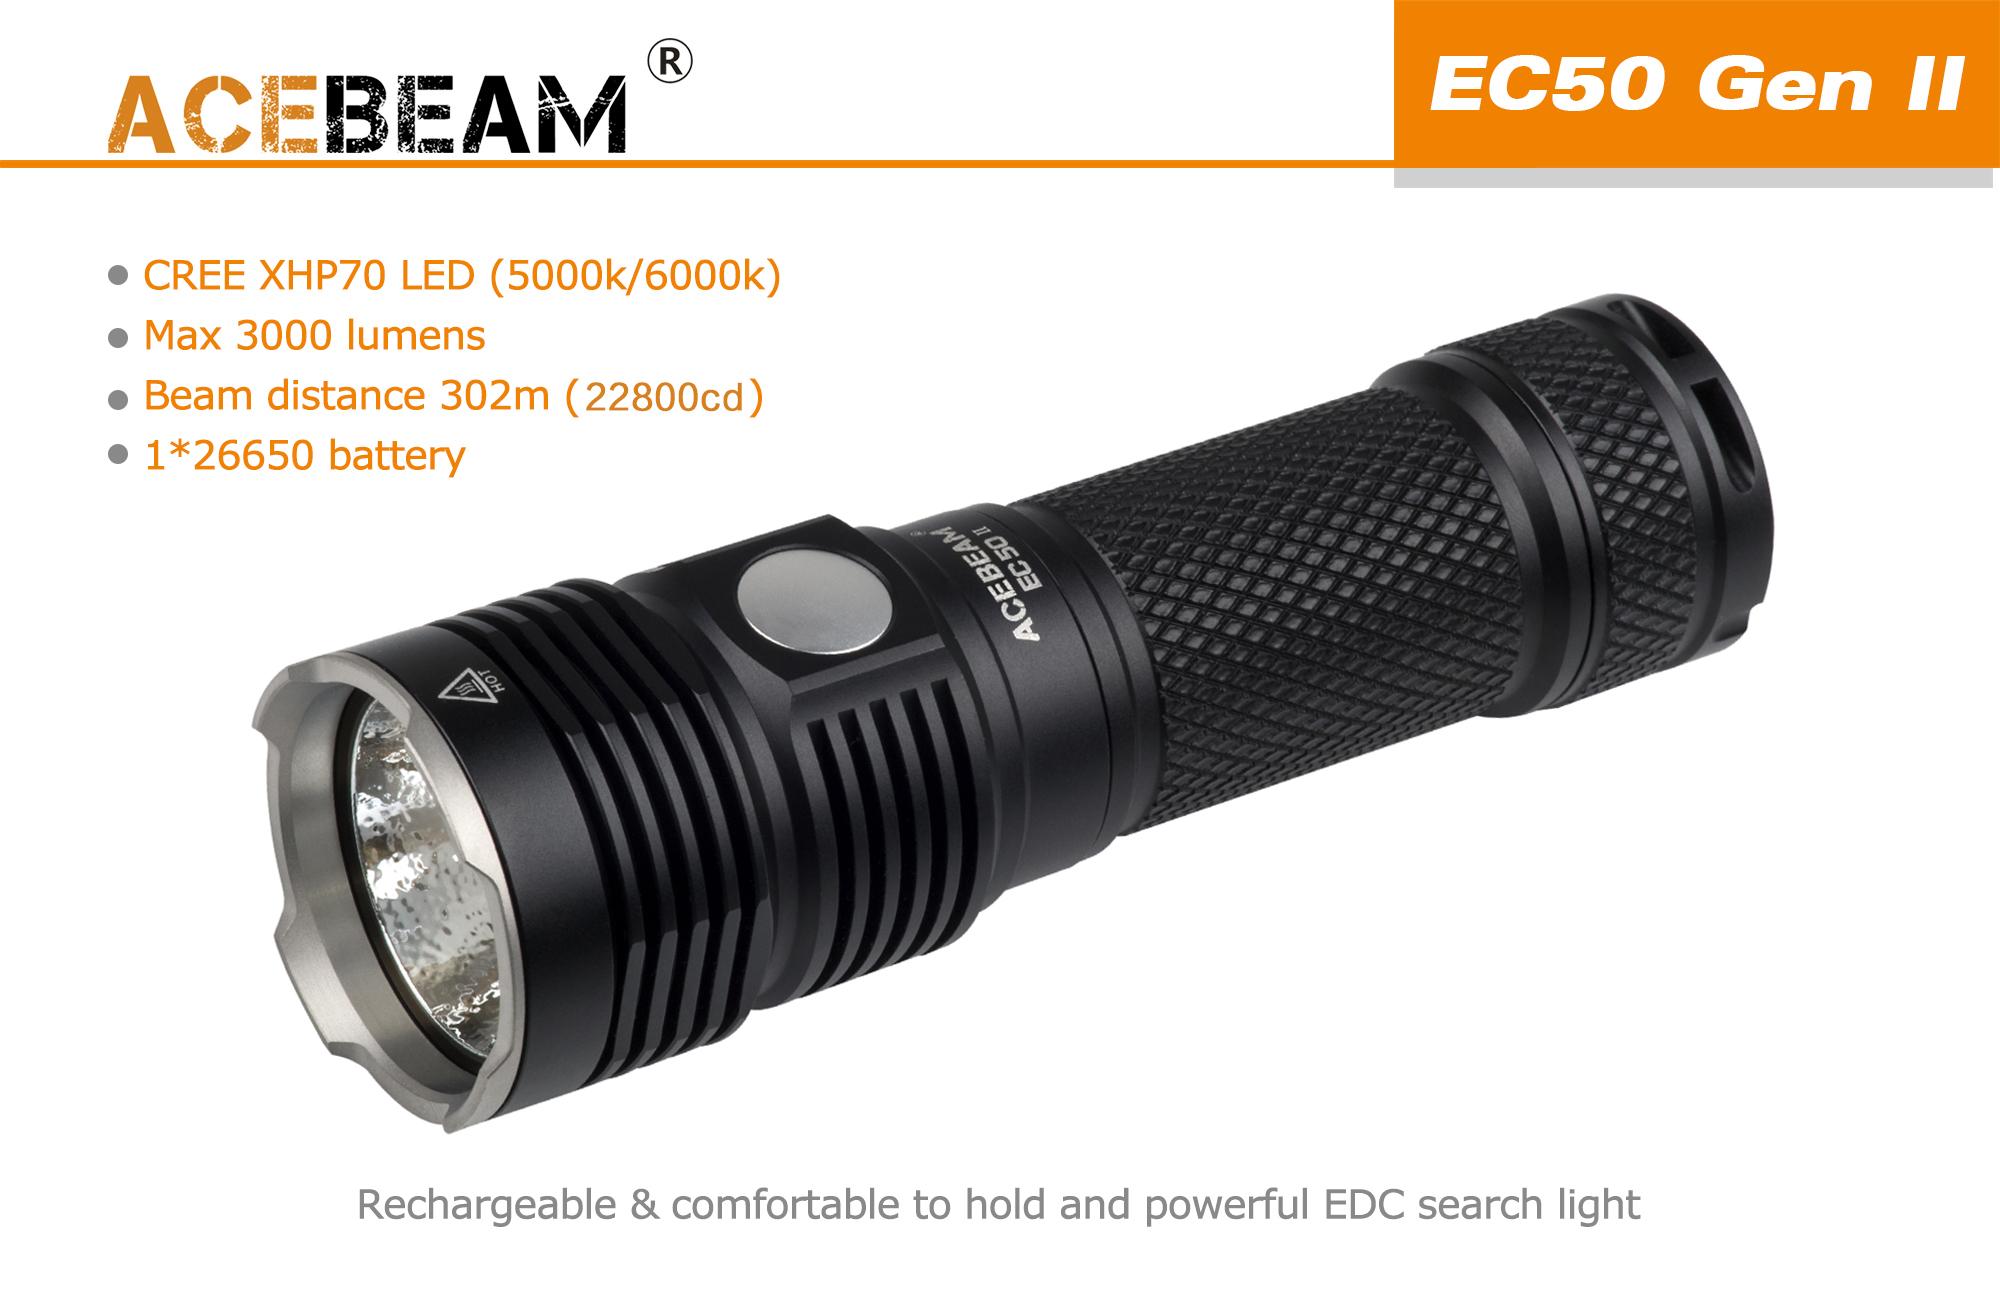 FBG1462_2_ Verwunderlich Led Lampe Mit Batterie Dekorationen